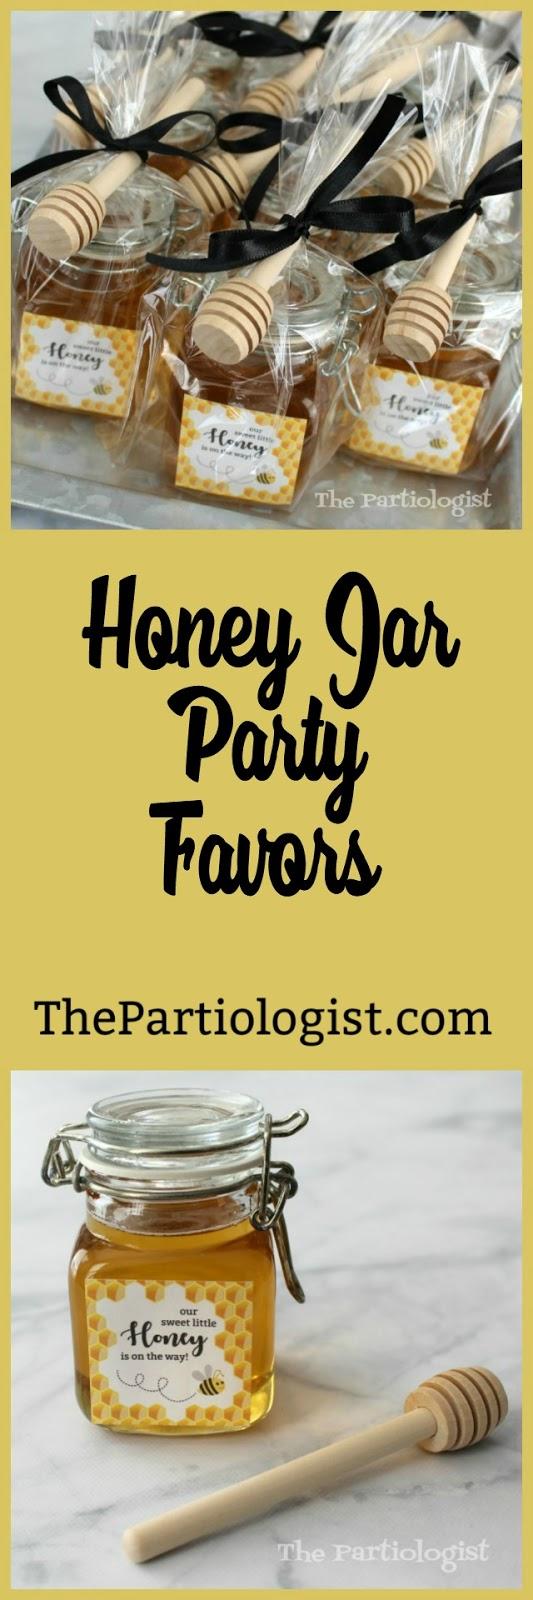 The Partiologist Honey Jar Party Favors